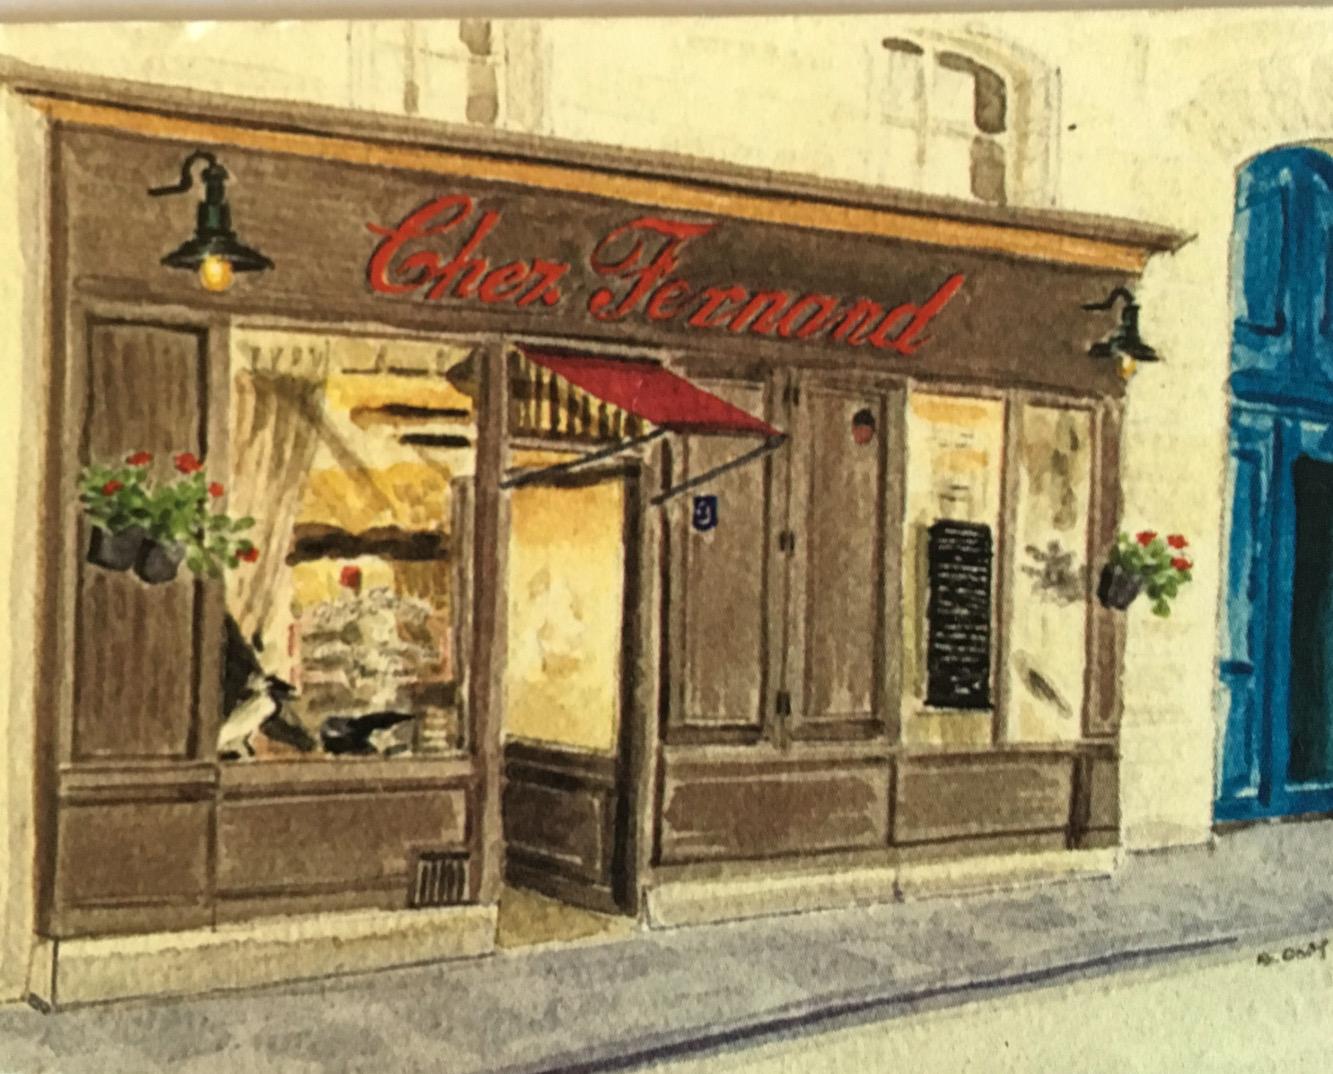 Paris Restaurant Chez Fernand